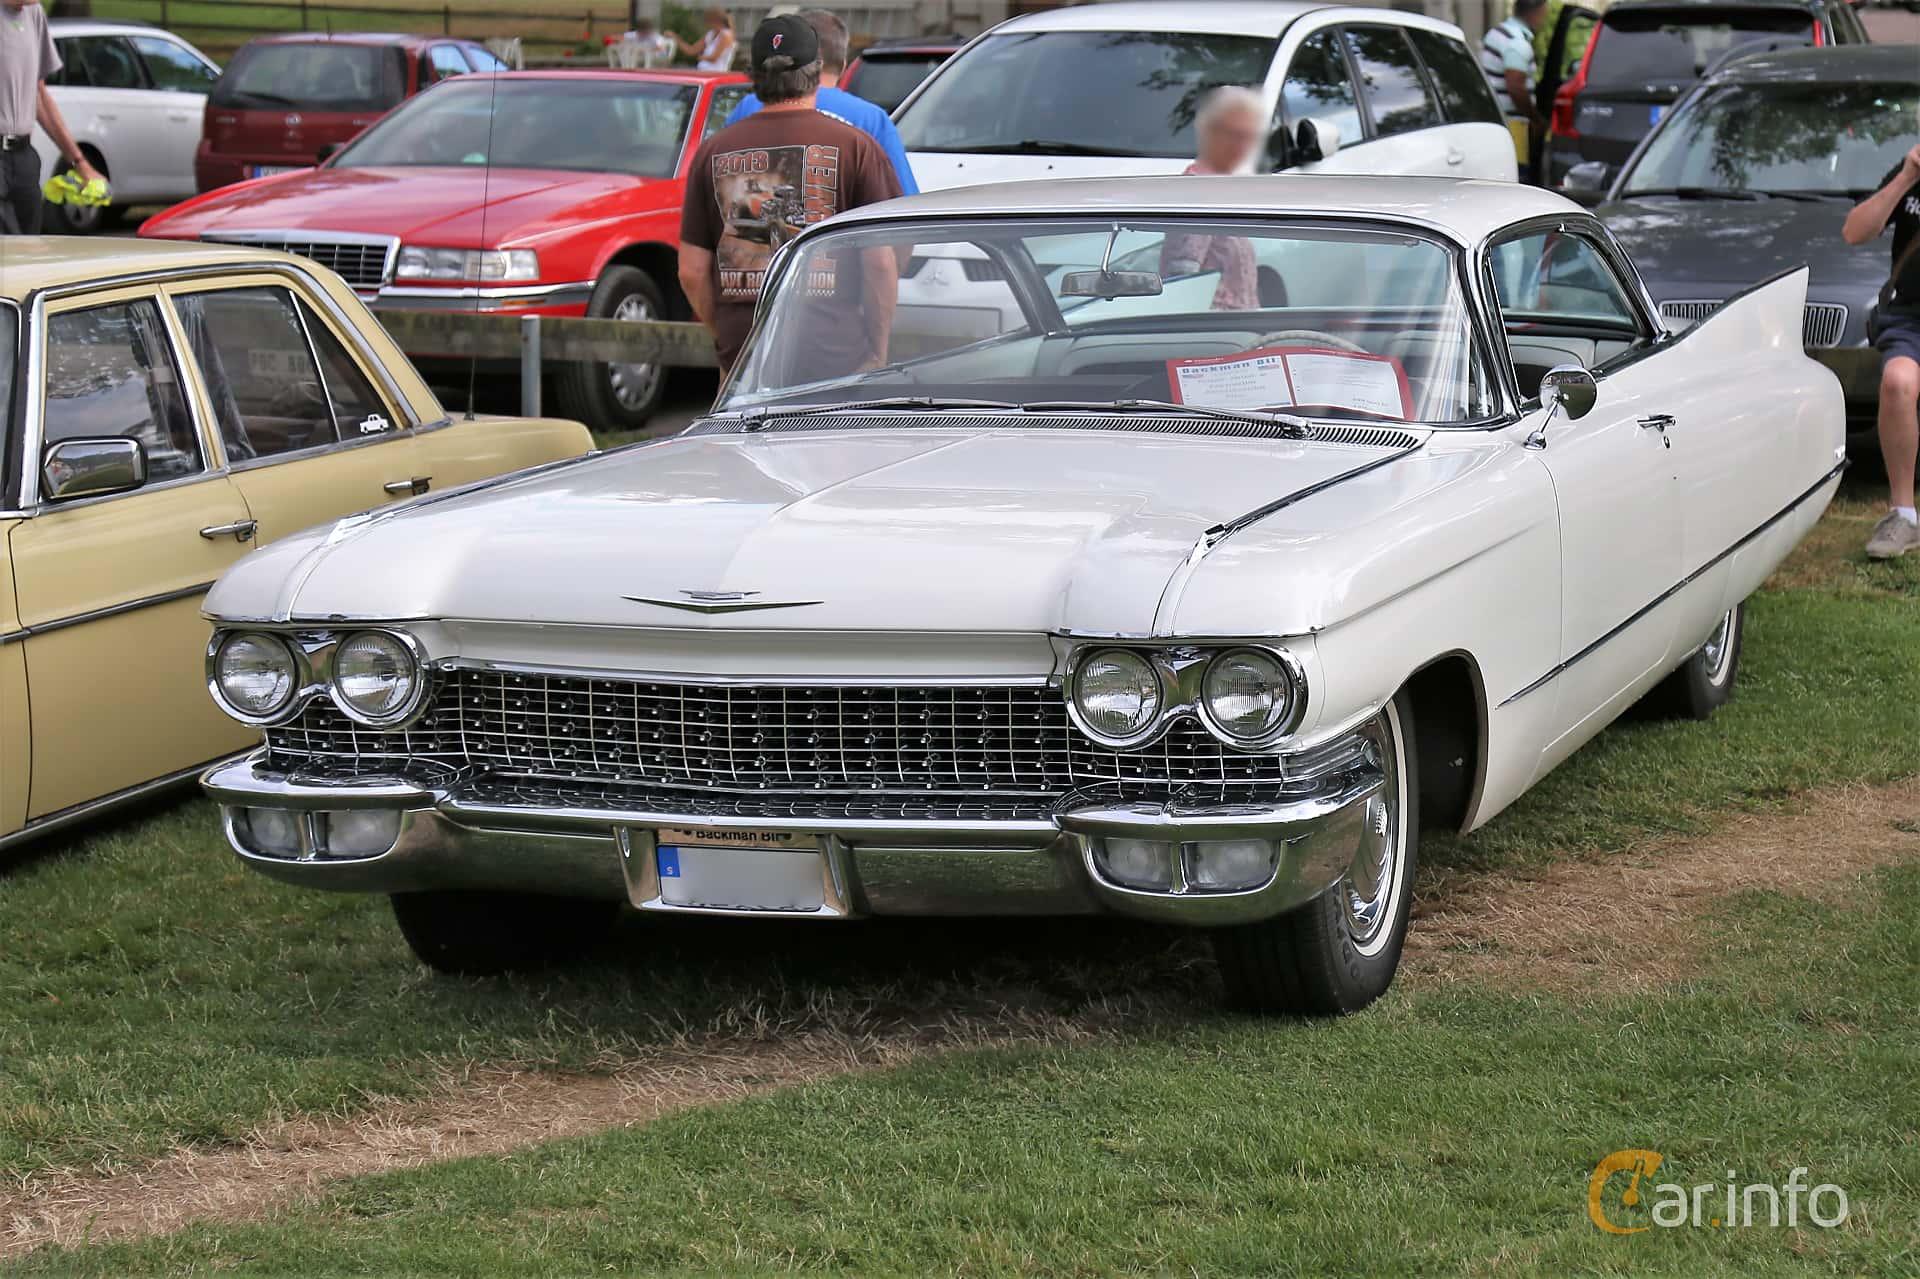 Cadillac Coupé de Ville 6.4 V8 OHV Hydra-Matic, 349hp, 1960 at Kungälvs Kulturhistoriska Fordonsvänner  2019 Torsdag vecka 31